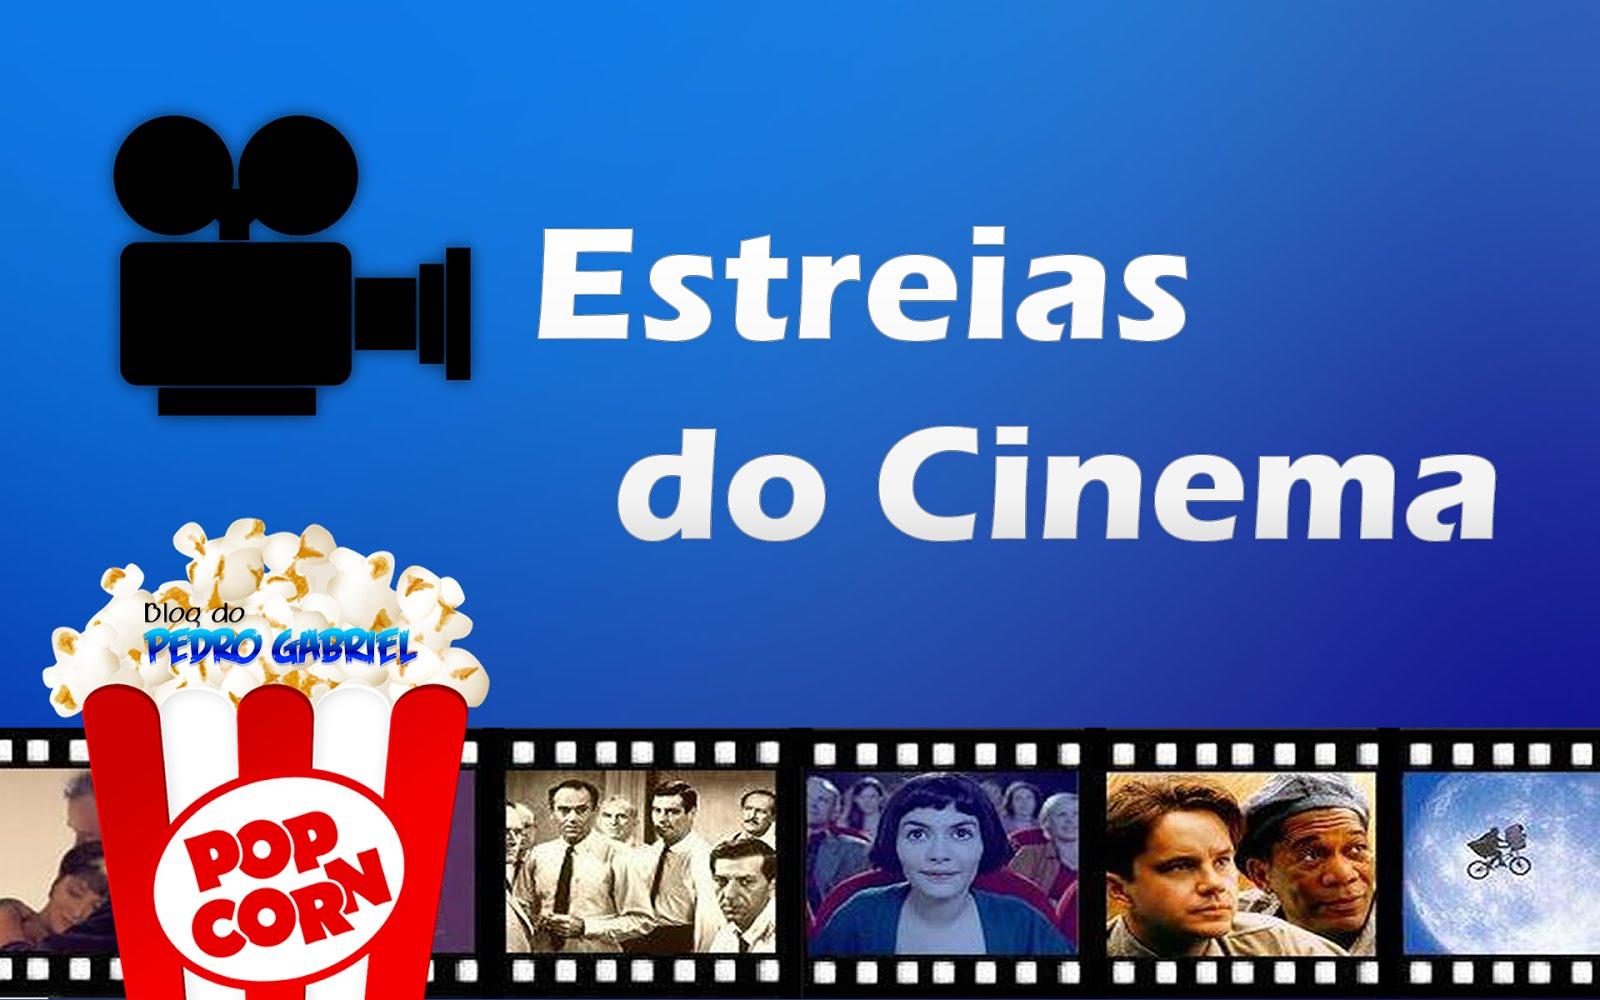 Coluna: Estreias do Cinema